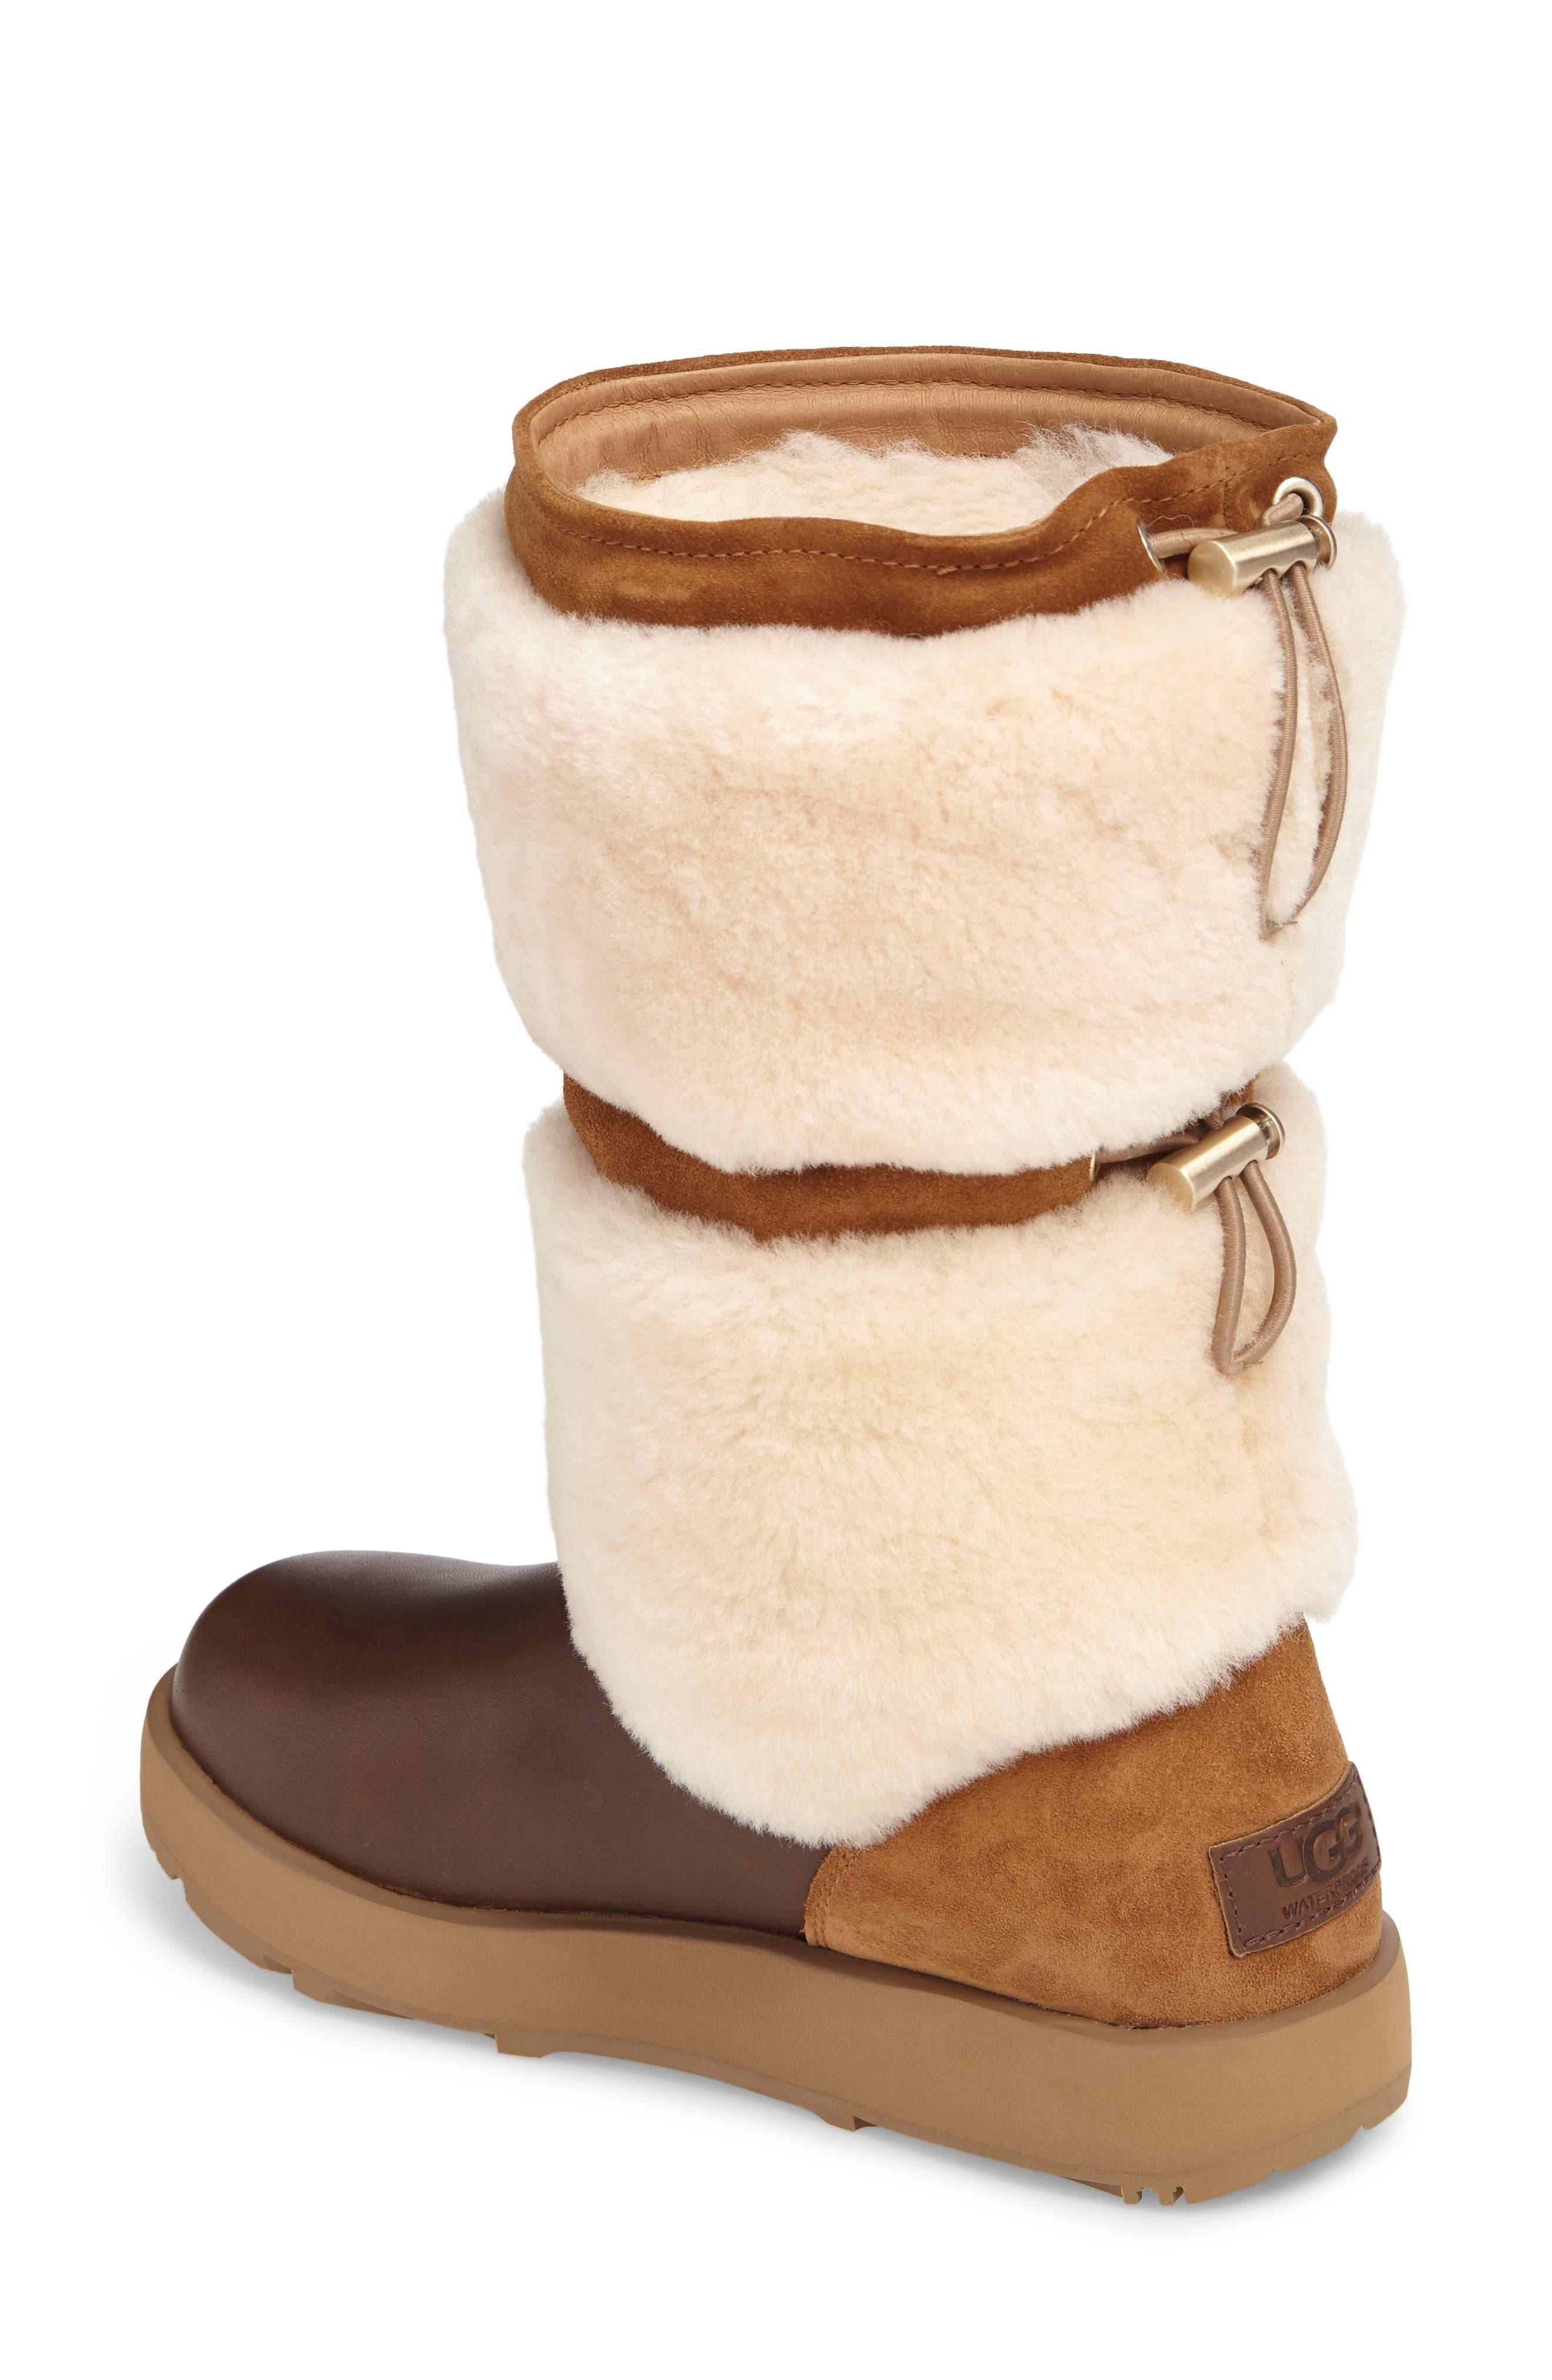 Reykir Waterproof Snow Boot,                             Alternate thumbnail 6, color,